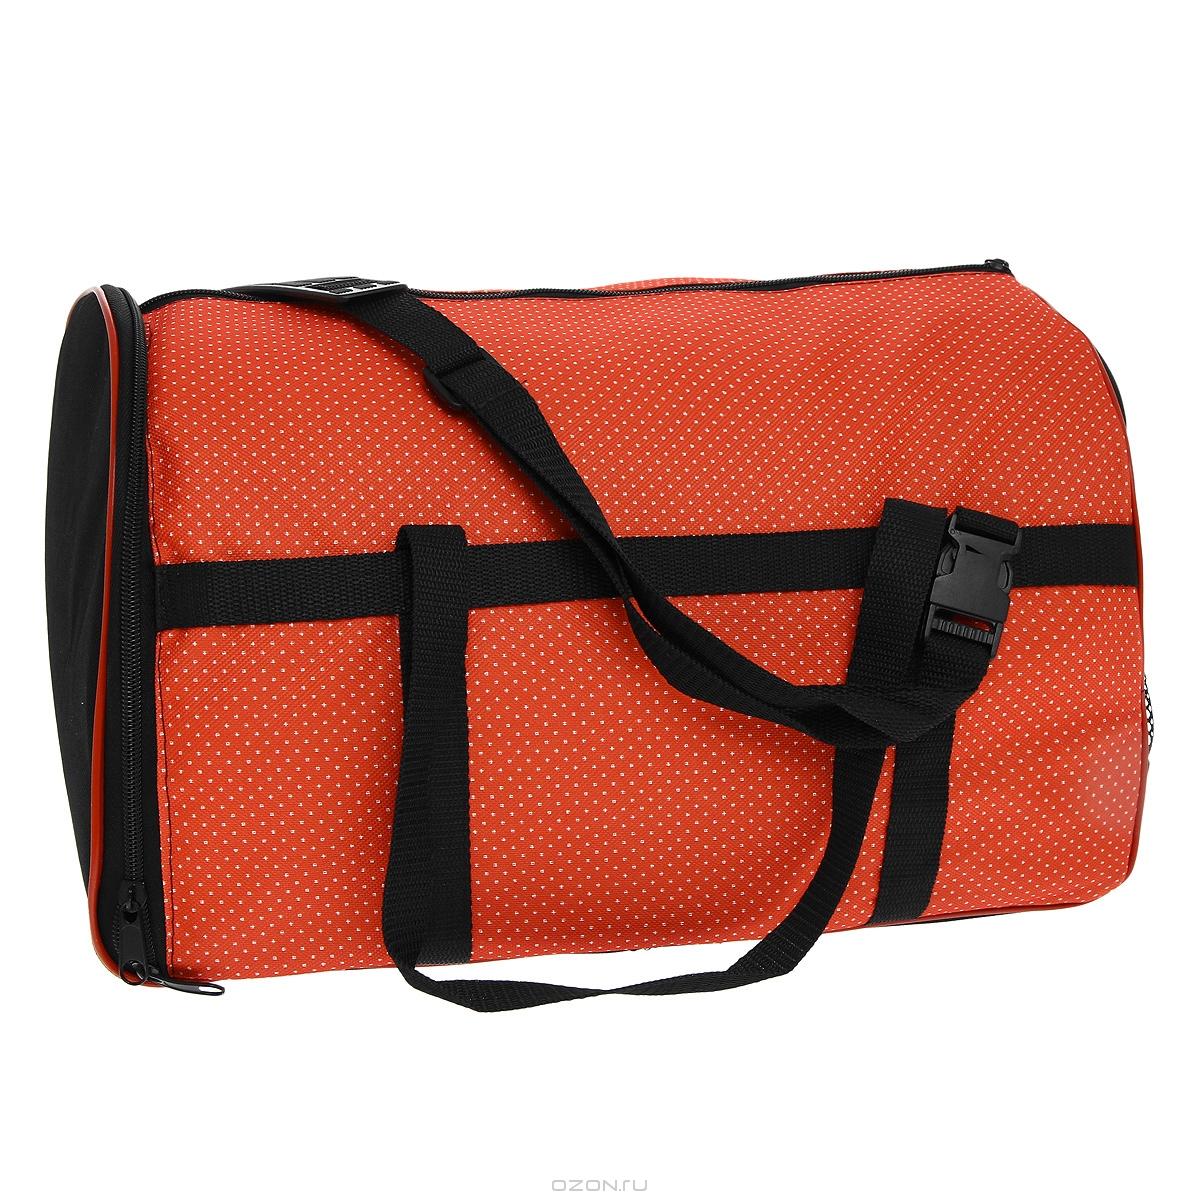 Сумка-переноска  Гамма  для животных, с сеткой, цвет: красный в точку, 42 см х 28 см х 31 см - Переноски, товары для транспортировки